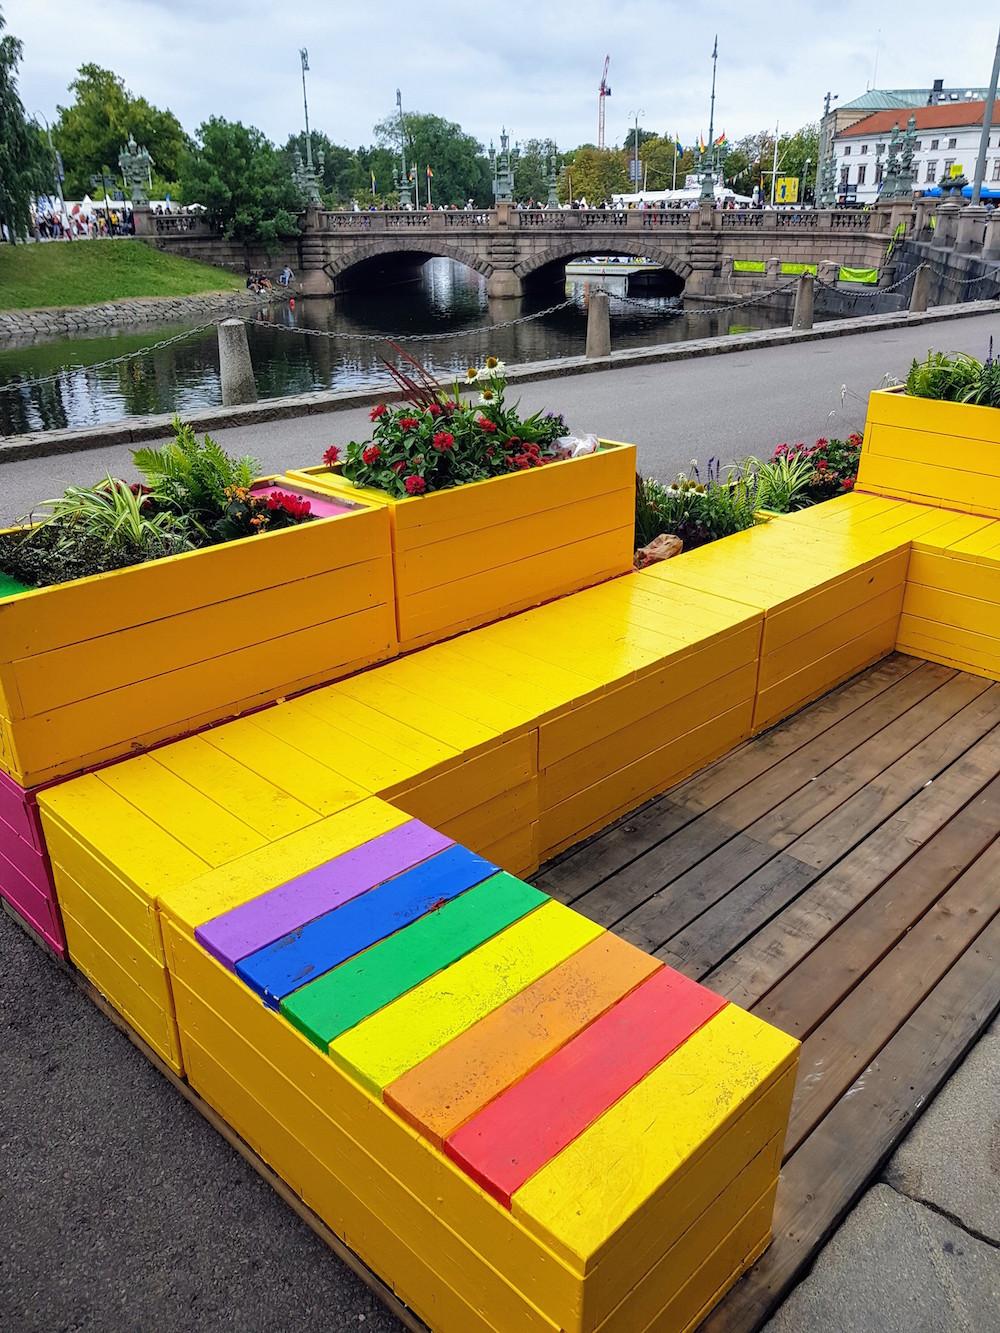 Gayreisen Schweden: Eines der tolerantesten Länder der Welt